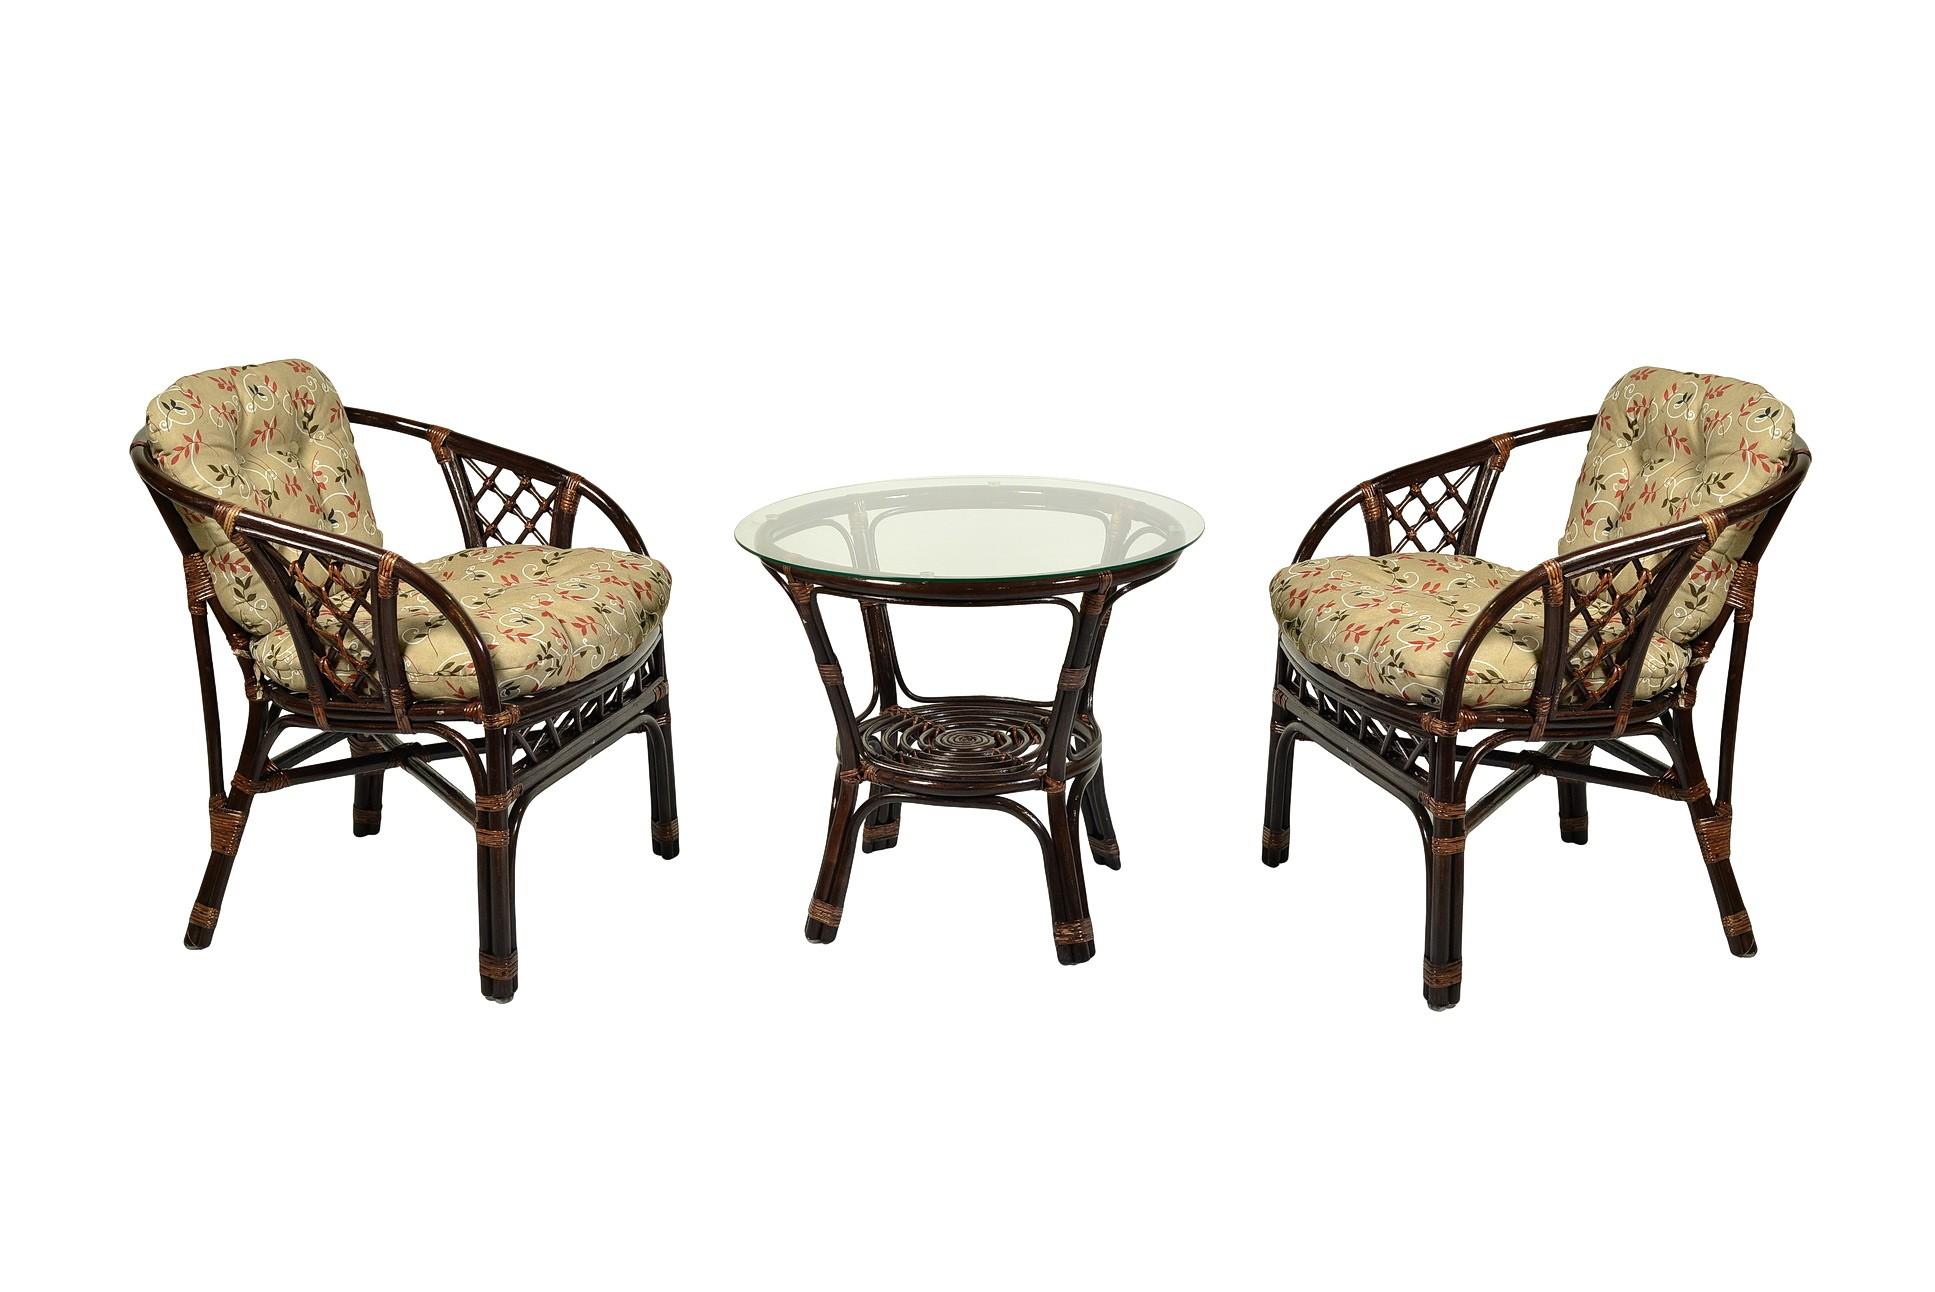 Кофейный комплект из ротанга GIKU Аркадиа DB (стол журнальный и 2 кресла)